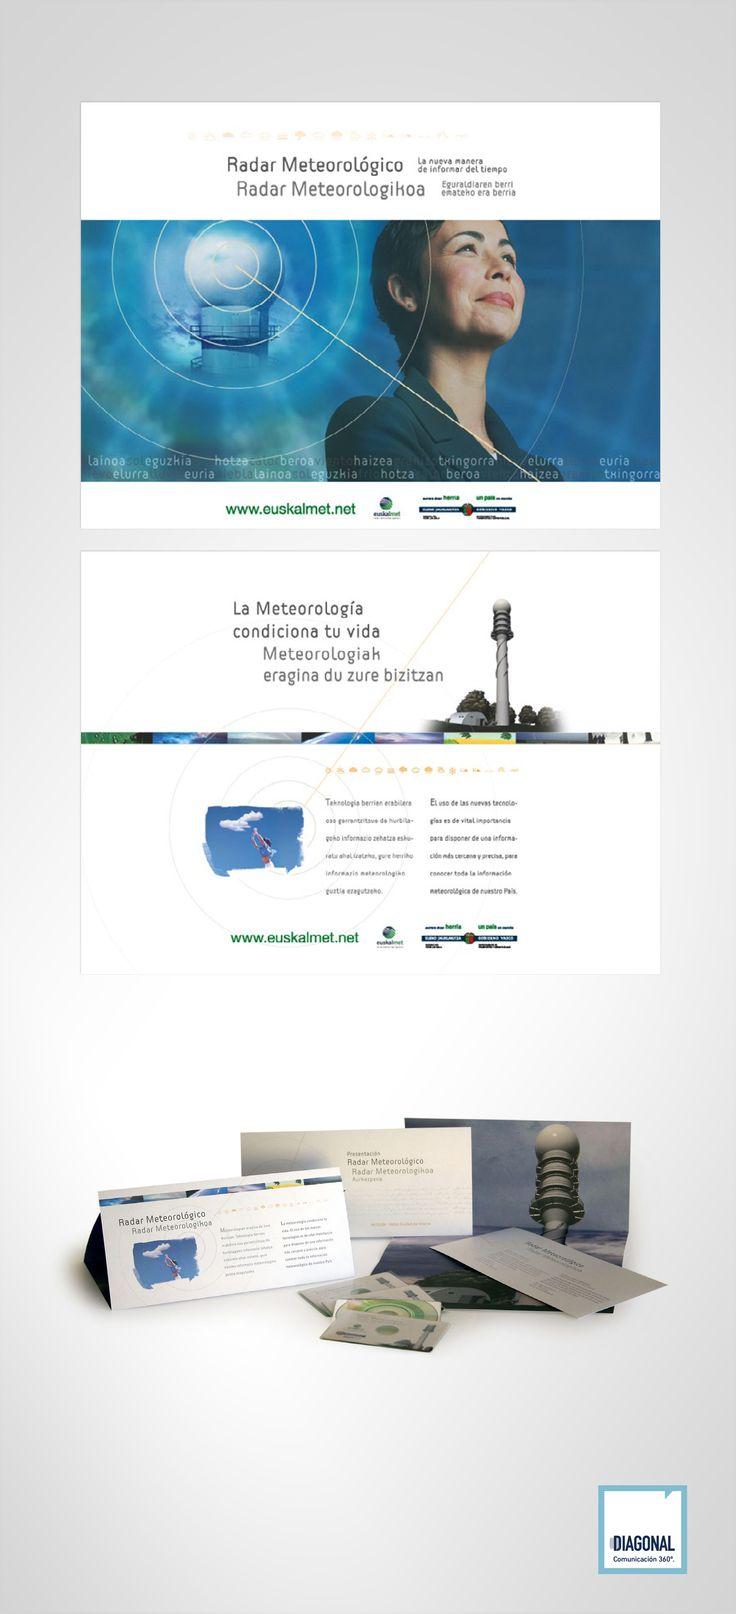 LA NUEVA MANERA DE INFOMAR DEL TIEMPO Gobierno Vasco Presentación del Radar Meteorológico (Identidad y Difusión, Diseño de Cartelería, PLVs…)